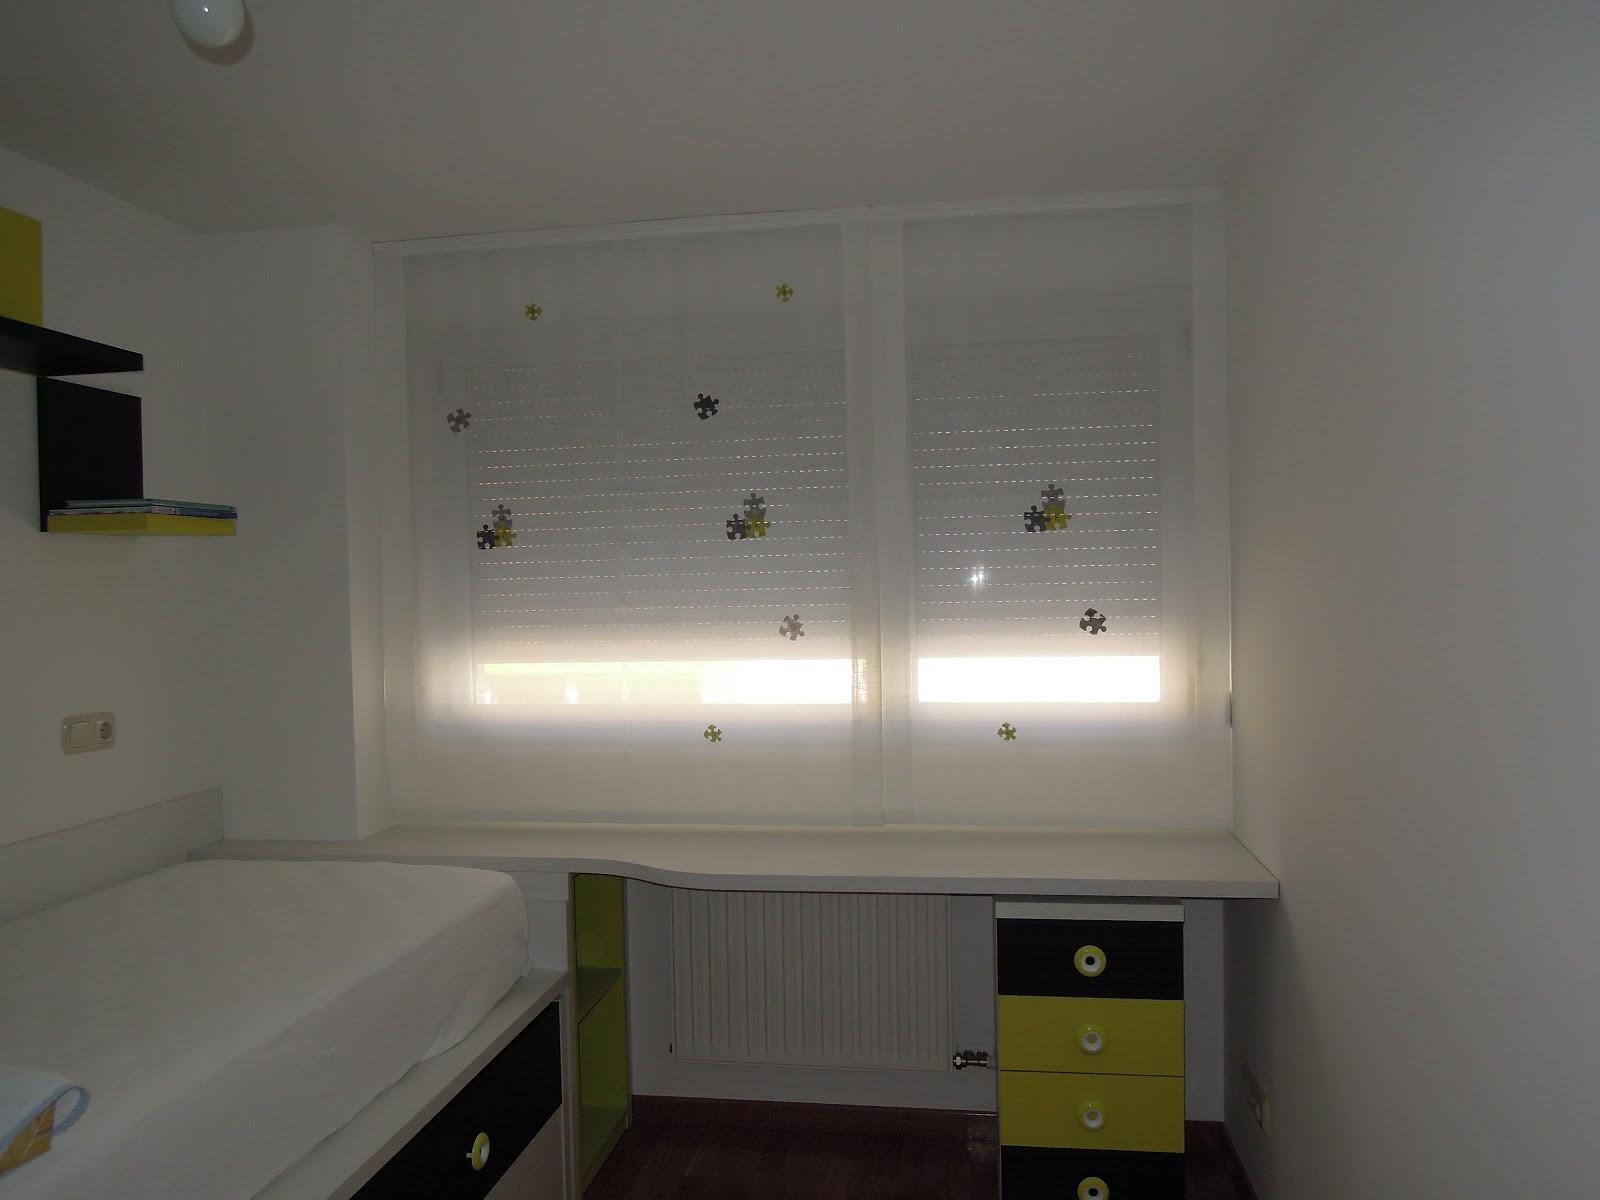 Fotos de cortinas dormitorio juvenil 2012 - Estores paqueto leroy merlin ...